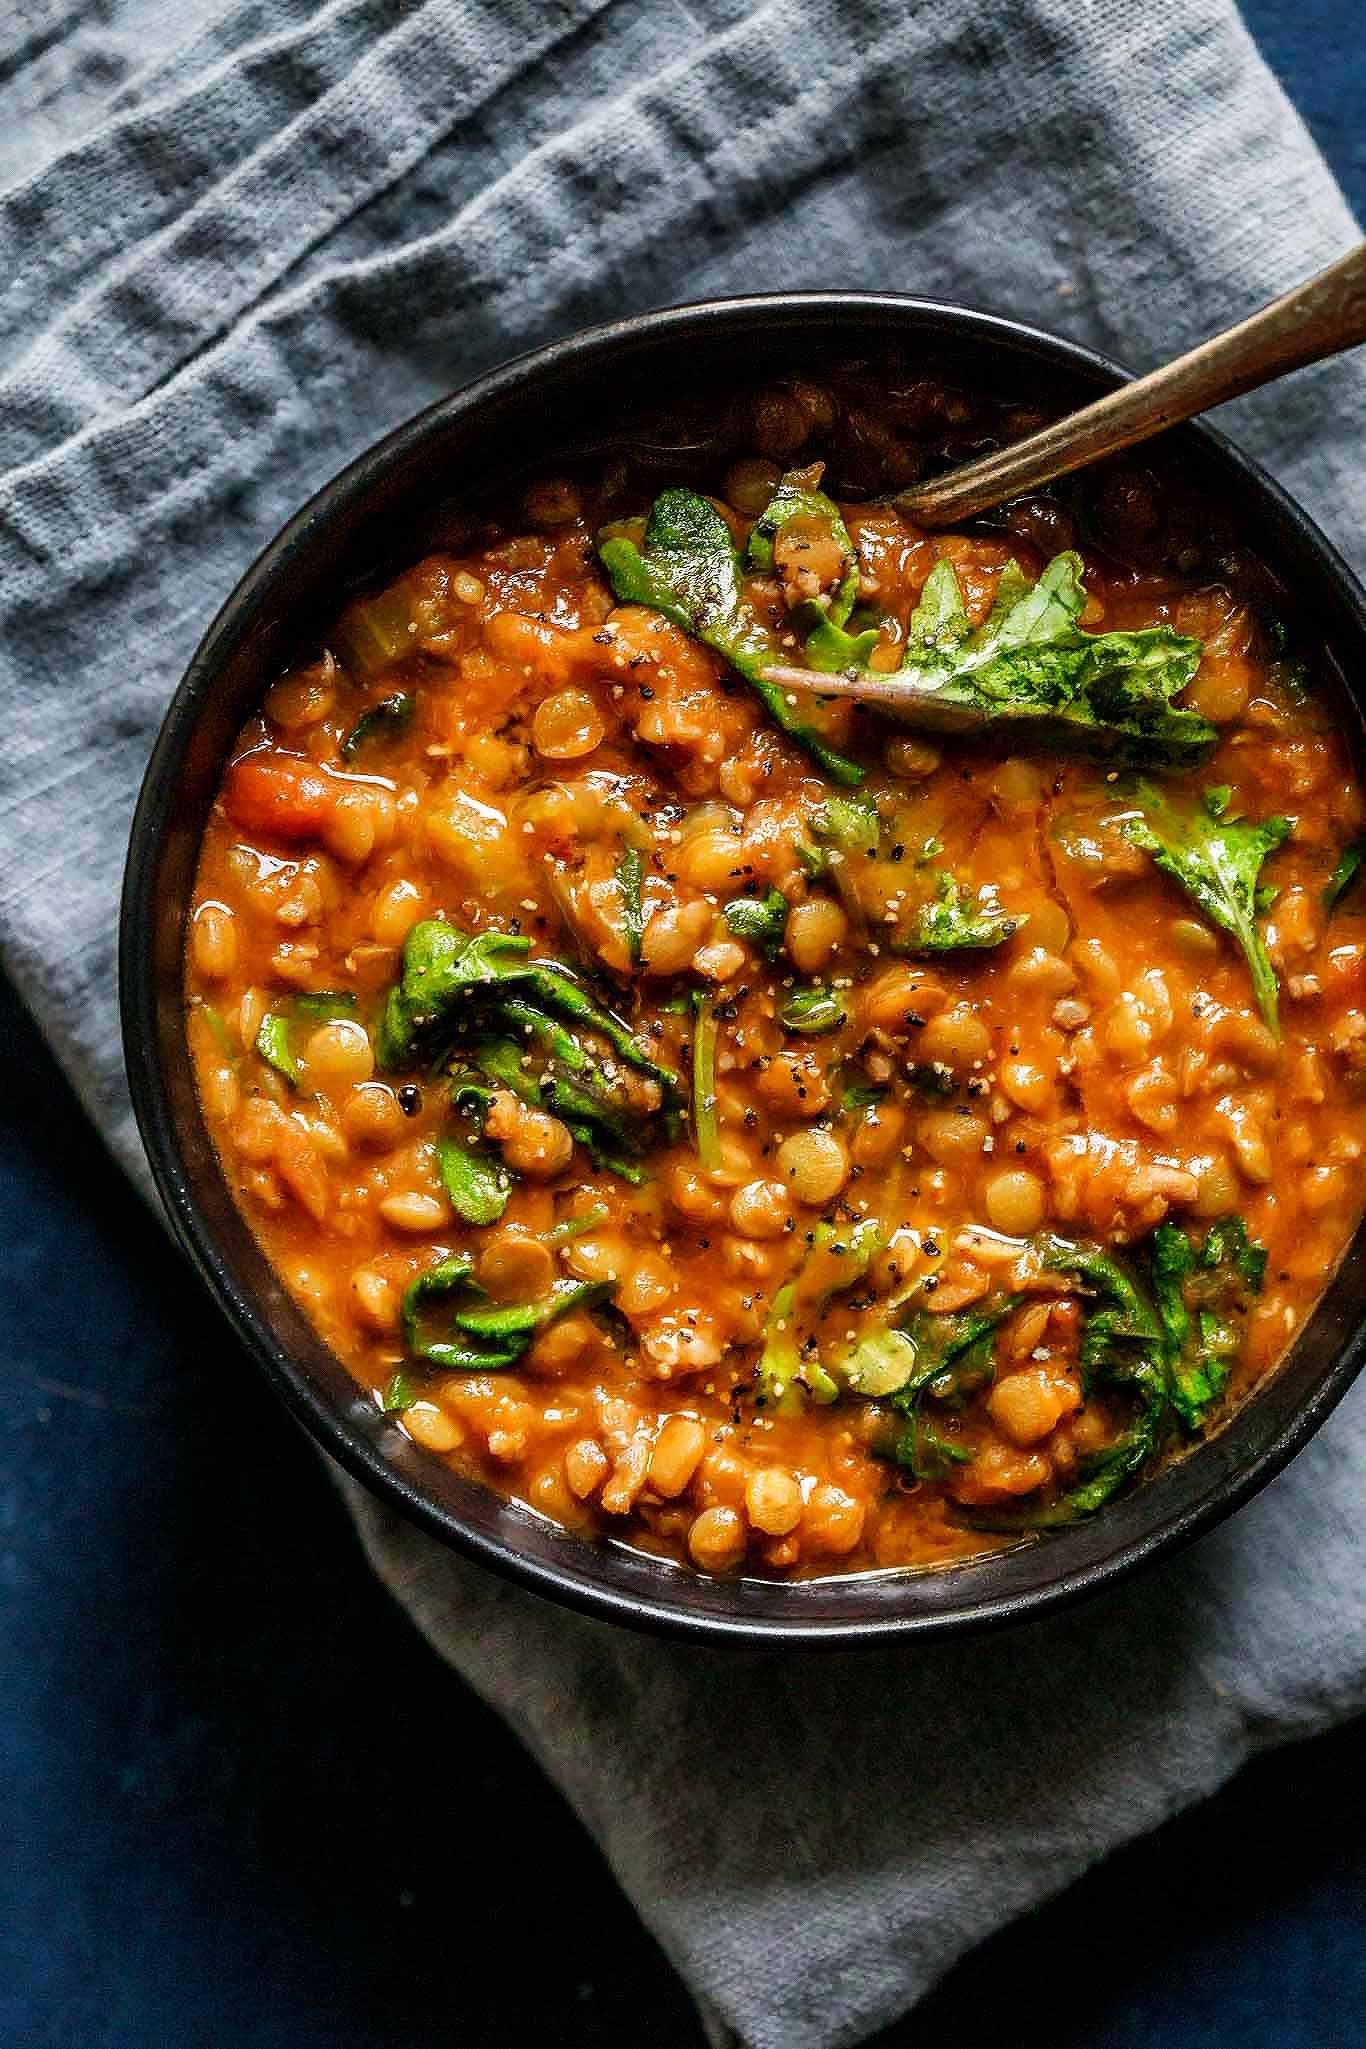 Instant Pot Soup Recipes Healthy  Instant Pot Lentil Soup with Sausage & Kale